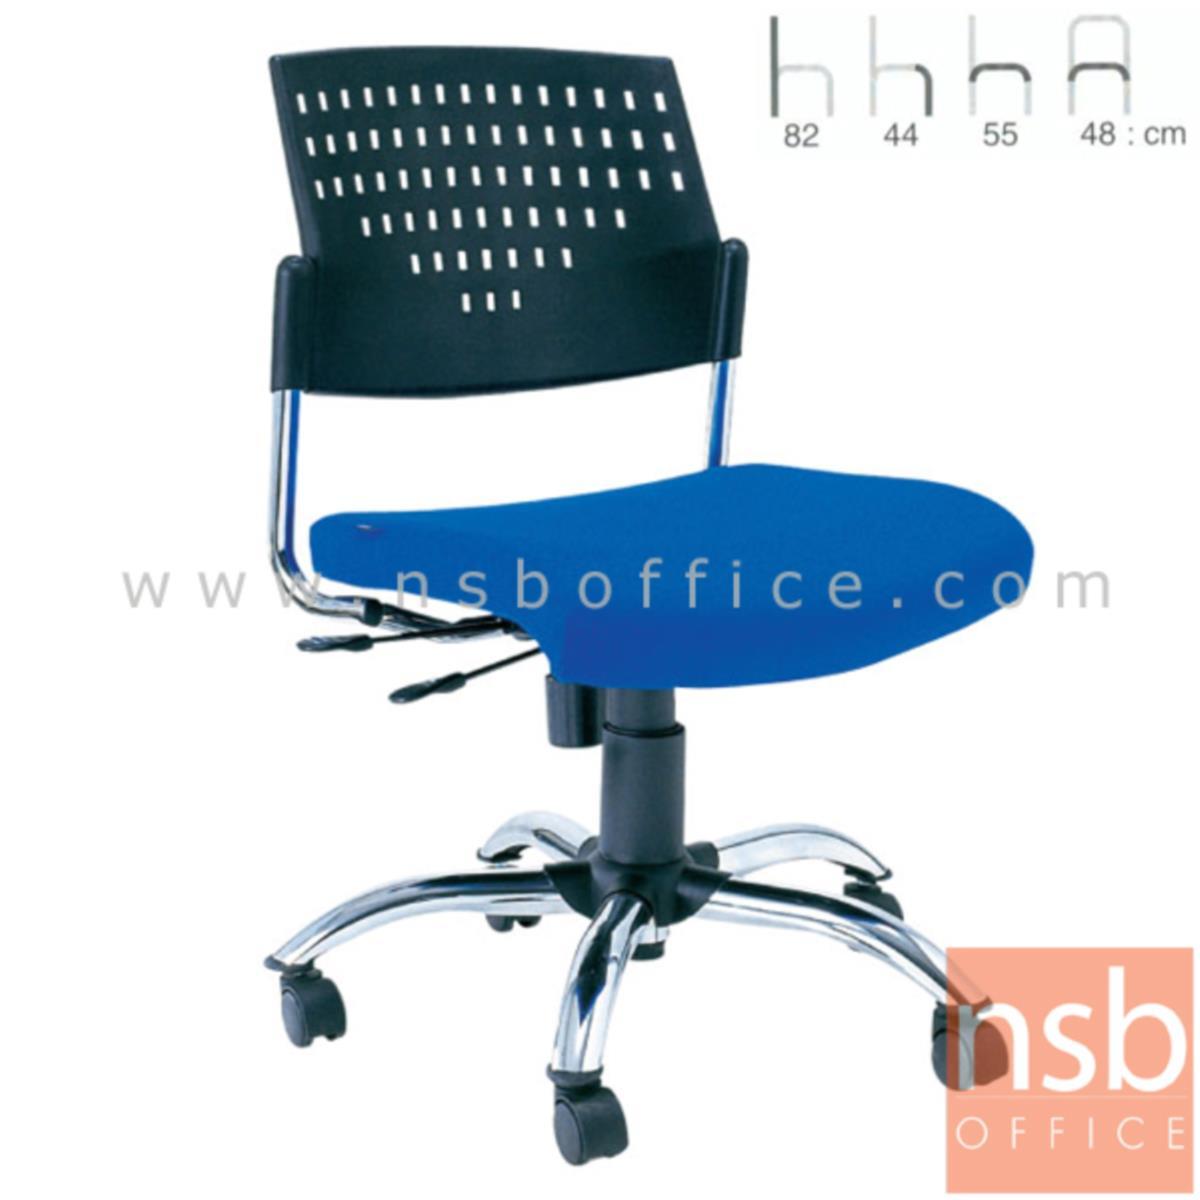 B28A037:เก้าอี้สำนักงานโพลี่ รุ่น Hilary (ฮิลลารี)  โช๊คแก๊ส มีก้อนโยก ขาเหล็กชุบโครเมี่ยม